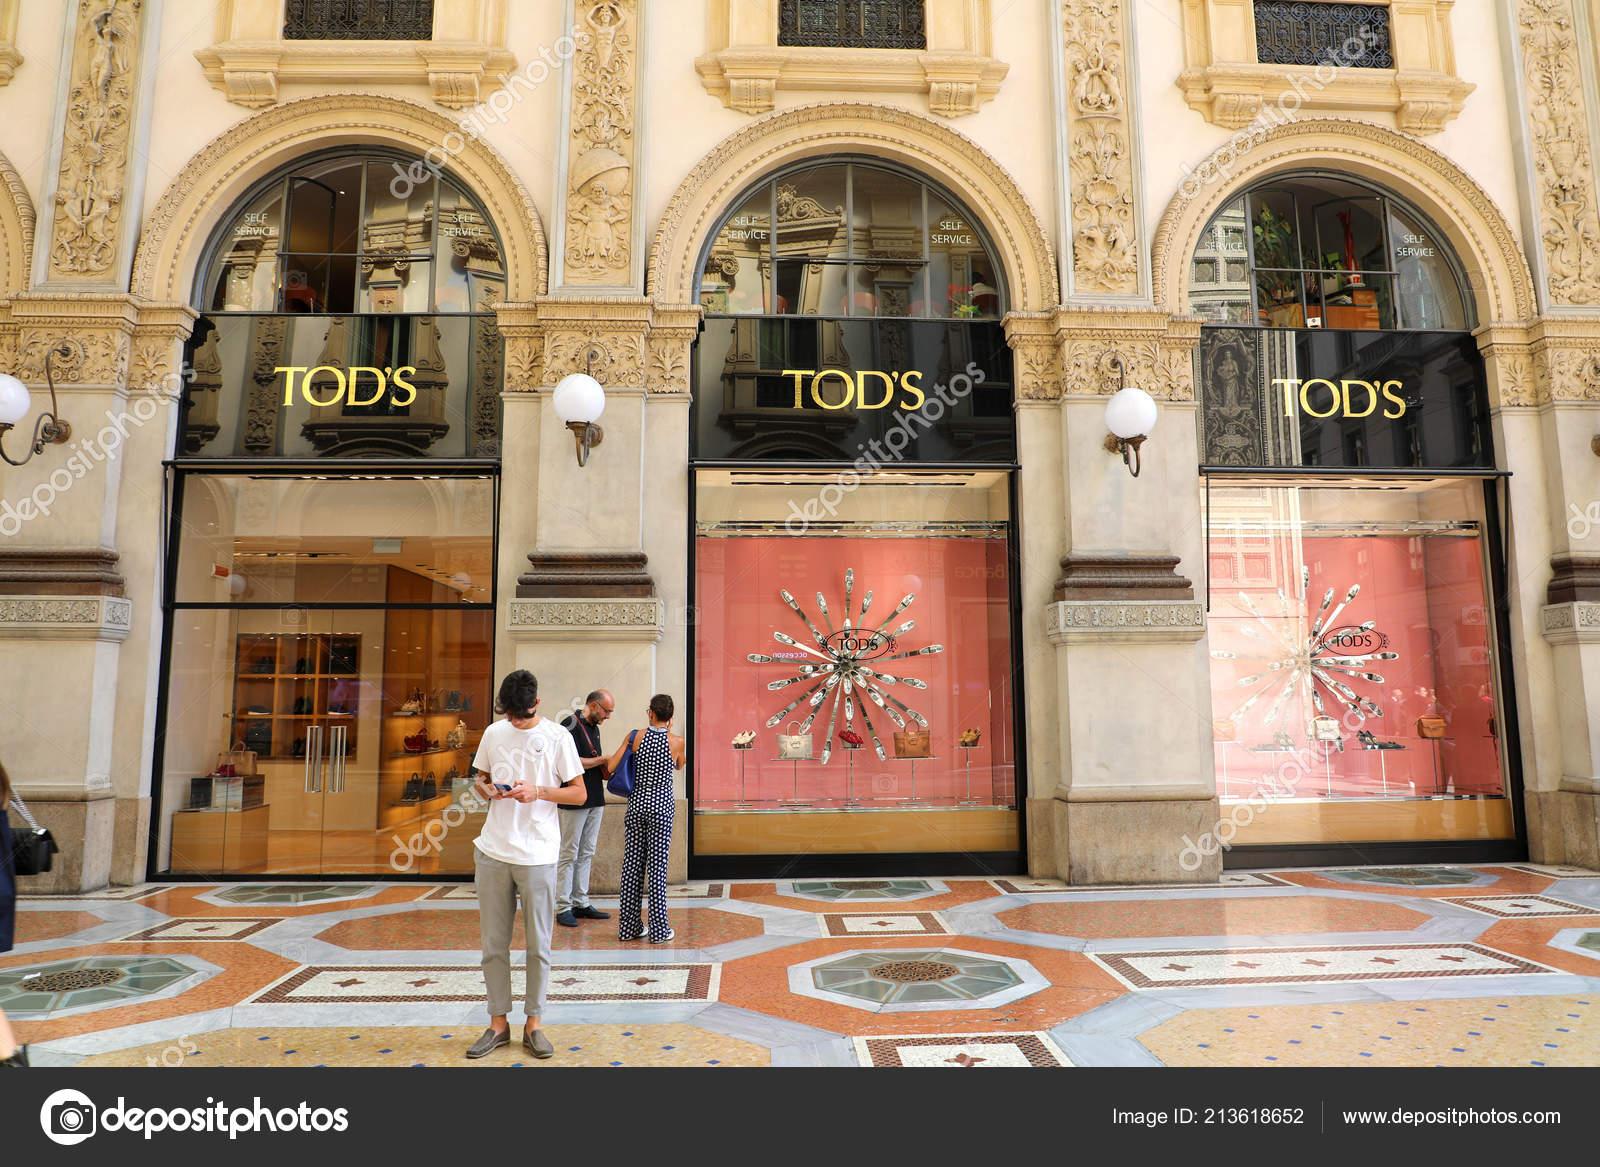 Milan Italy September 2018 Facade Tod Store Galleria Vittorio